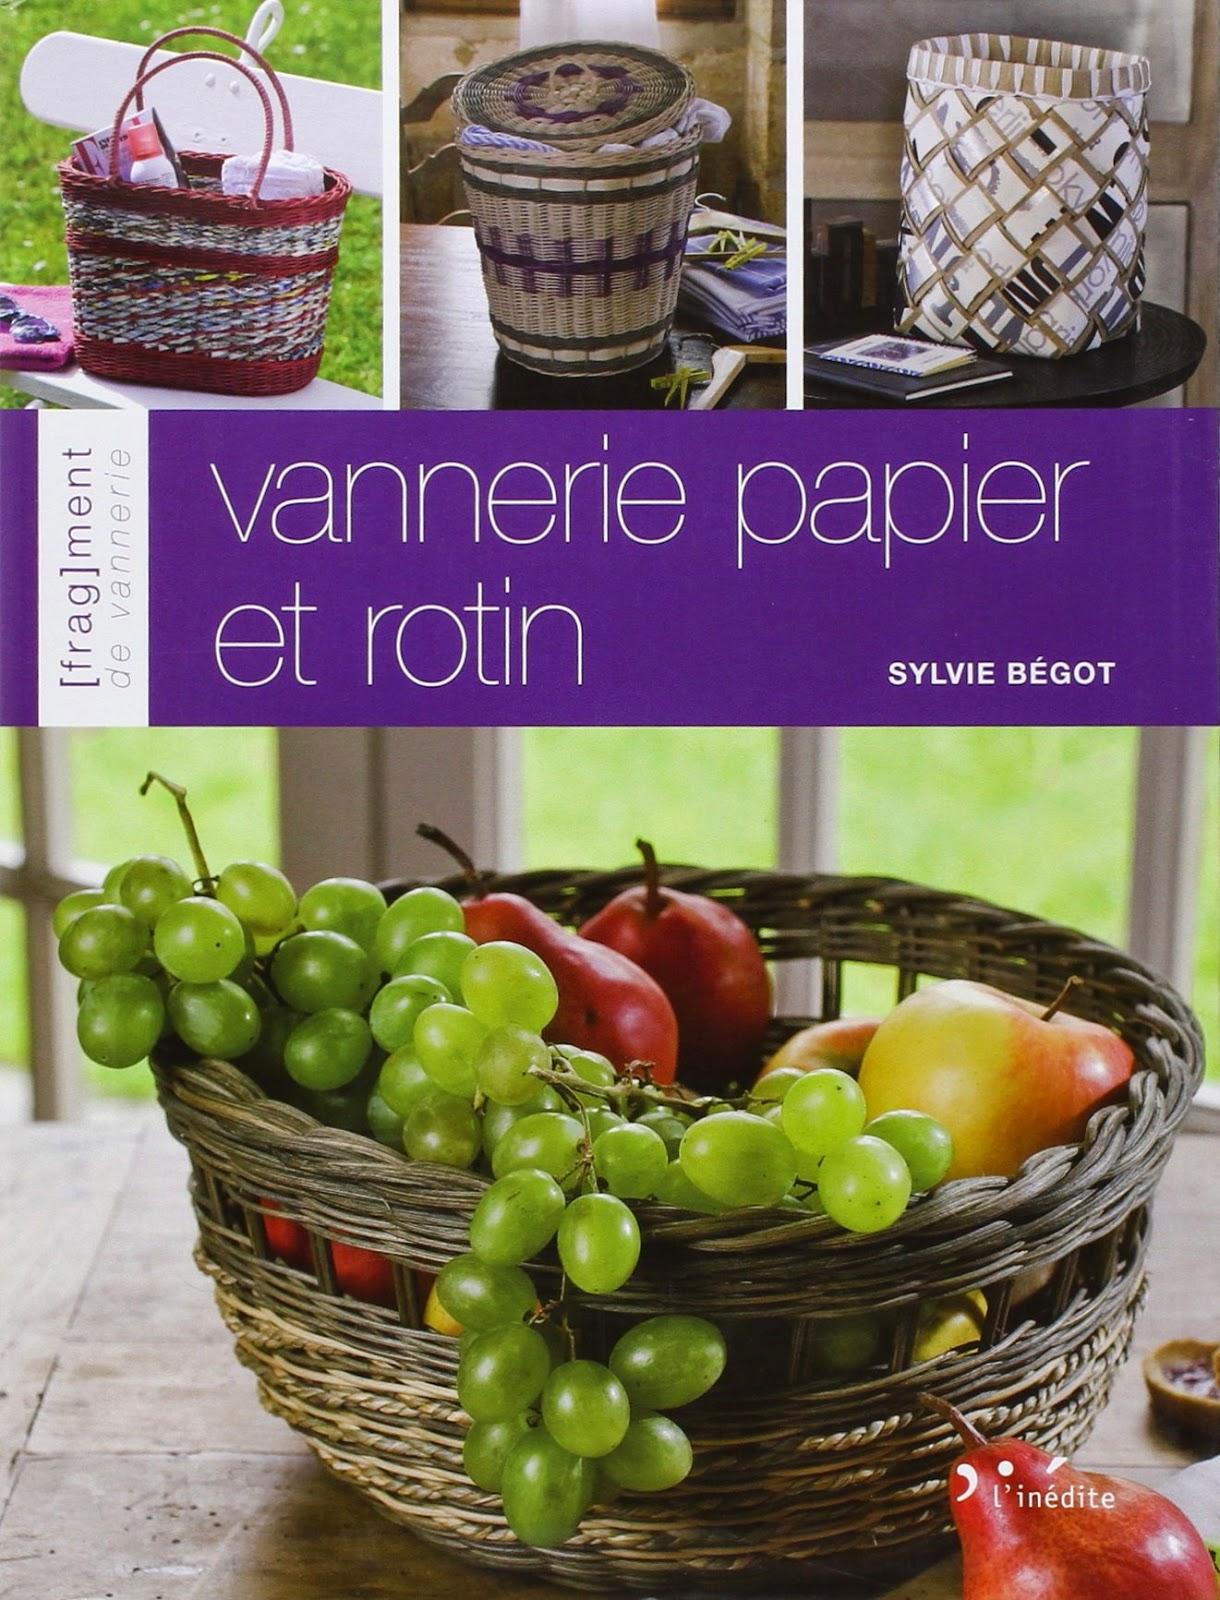 http://www.editionslinedite.com/produit/213/9782350322407/Vannerie%20papier%20et%20rotin